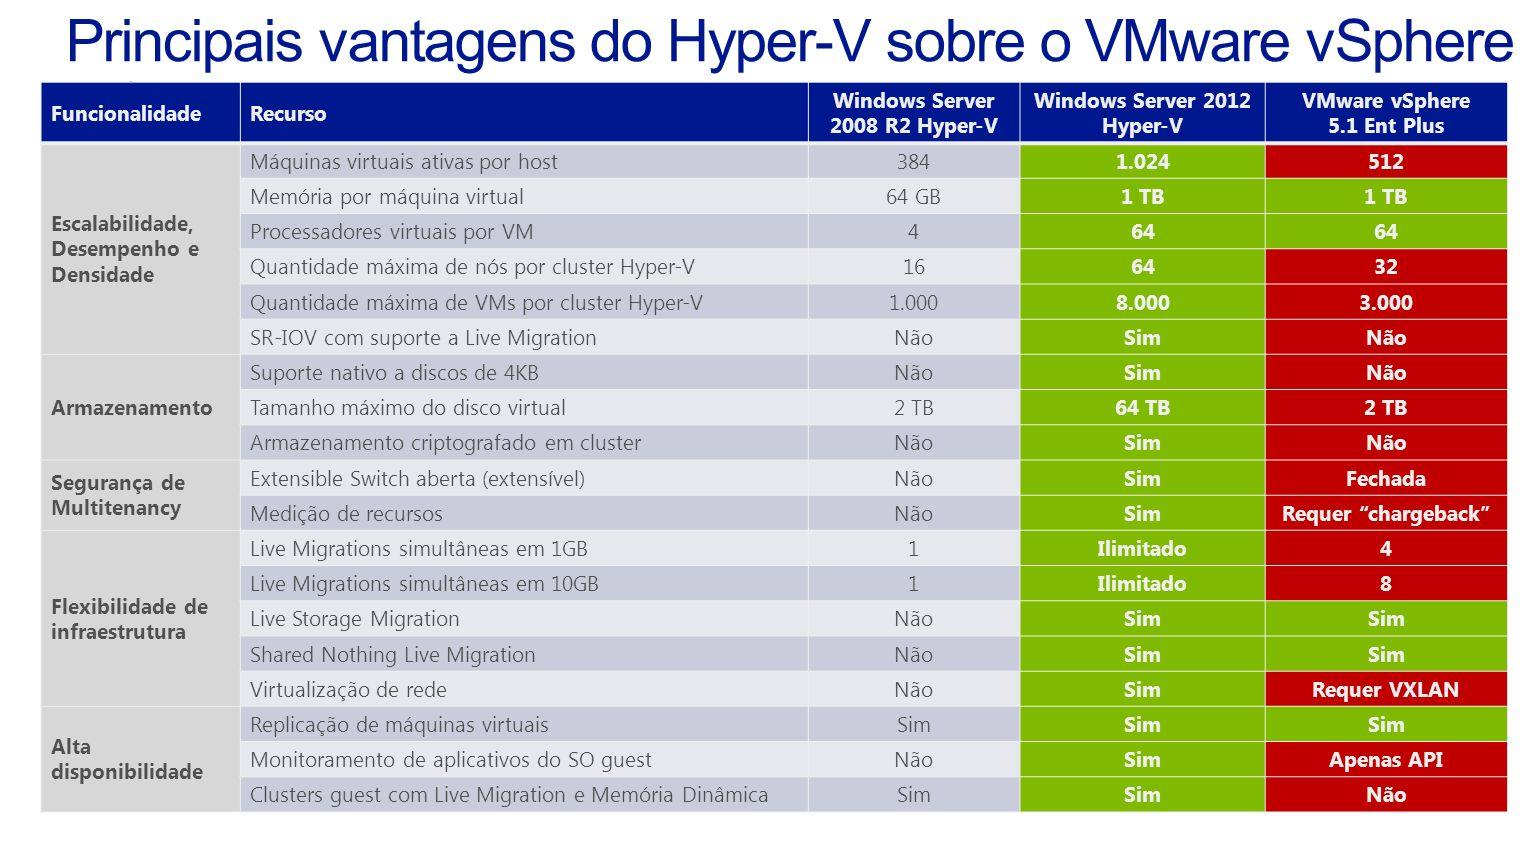 FuncionalidadeRecurso Windows Server 2008 R2 Hyper-V Windows Server 2012 Hyper-V VMware vSphere 5.1 Ent Plus Escalabilidade, Desempenho e Densidade Máquinas virtuais ativas por host3841.024512 Memória por máquina virtual64 GB1 TB Processadores virtuais por VM464 Quantidade máxima de nós por cluster Hyper-V166432 Quantidade máxima de VMs por cluster Hyper-V1.0008.0003.000 SR-IOV com suporte a Live MigrationNãoSimNão Armazenamento Suporte nativo a discos de 4KBNãoSimNão Tamanho máximo do disco virtual2 TB64 TB2 TB Armazenamento criptografado em clusterNãoSimNão Segurança de Multitenancy Extensible Switch aberta (extensível)NãoSimFechada Medição de recursosNãoSimRequer chargeback Flexibilidade de infraestrutura Live Migrations simultâneas em 1GB1Ilimitado4 Live Migrations simultâneas em 10GB1Ilimitado8 Live Storage MigrationNãoSim Shared Nothing Live MigrationNãoSim Virtualização de redeNãoSimRequer VXLAN Alta disponibilidade Replicação de máquinas virtuaisSim Monitoramento de aplicativos do SO guestNãoSimApenas API Clusters guest com Live Migration e Memória DinâmicaSim Não